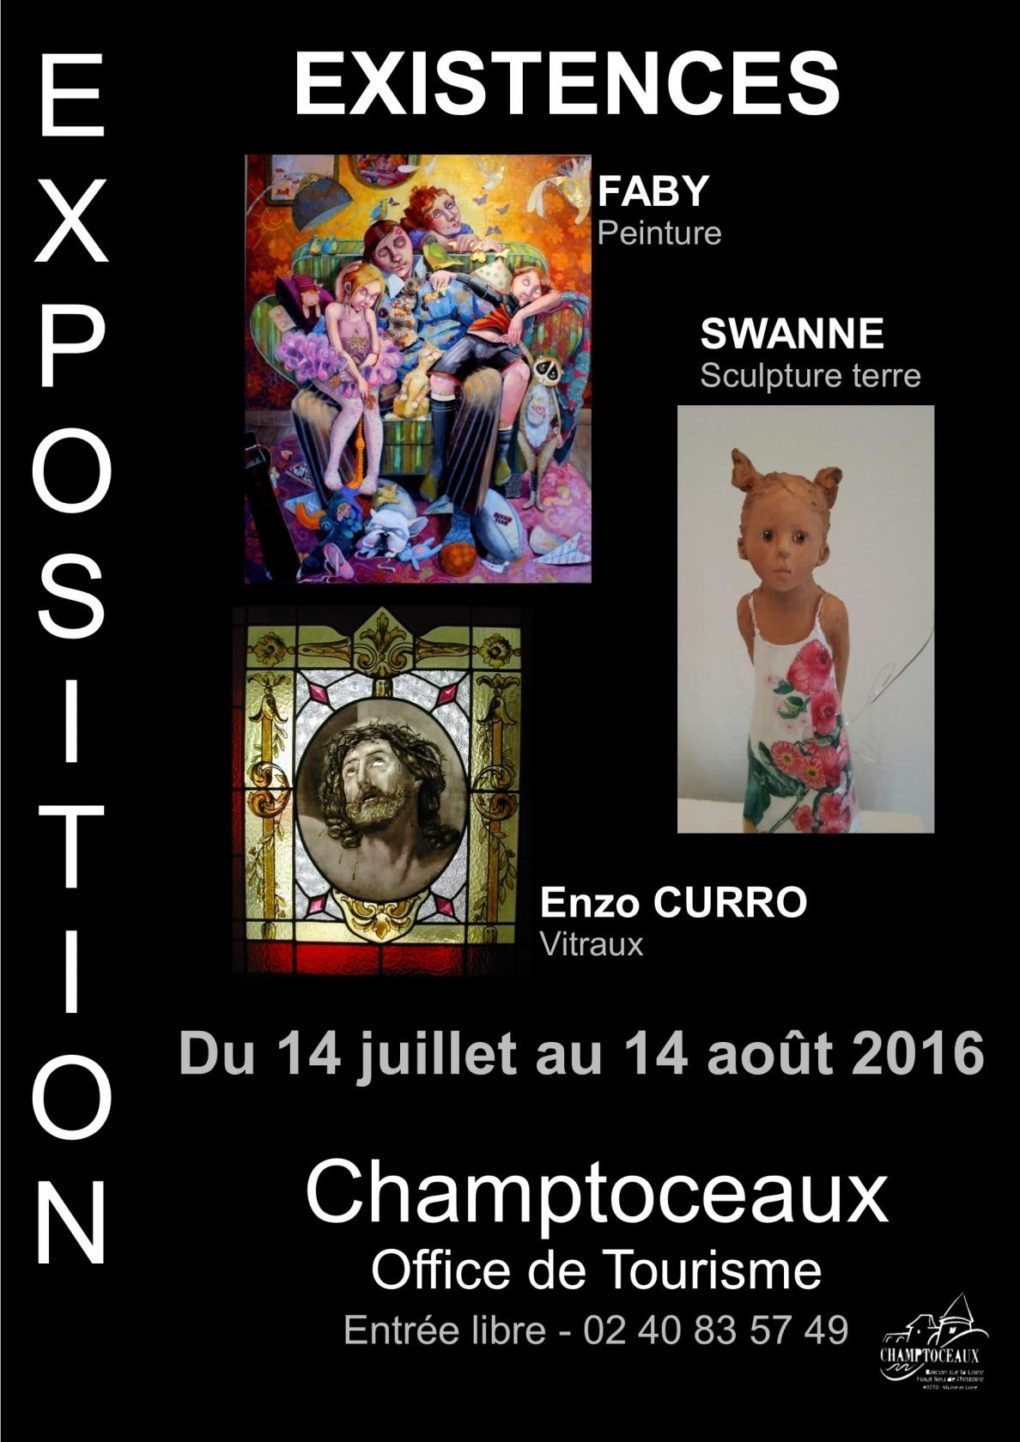 Exposition Existences Orée-d'Anjou